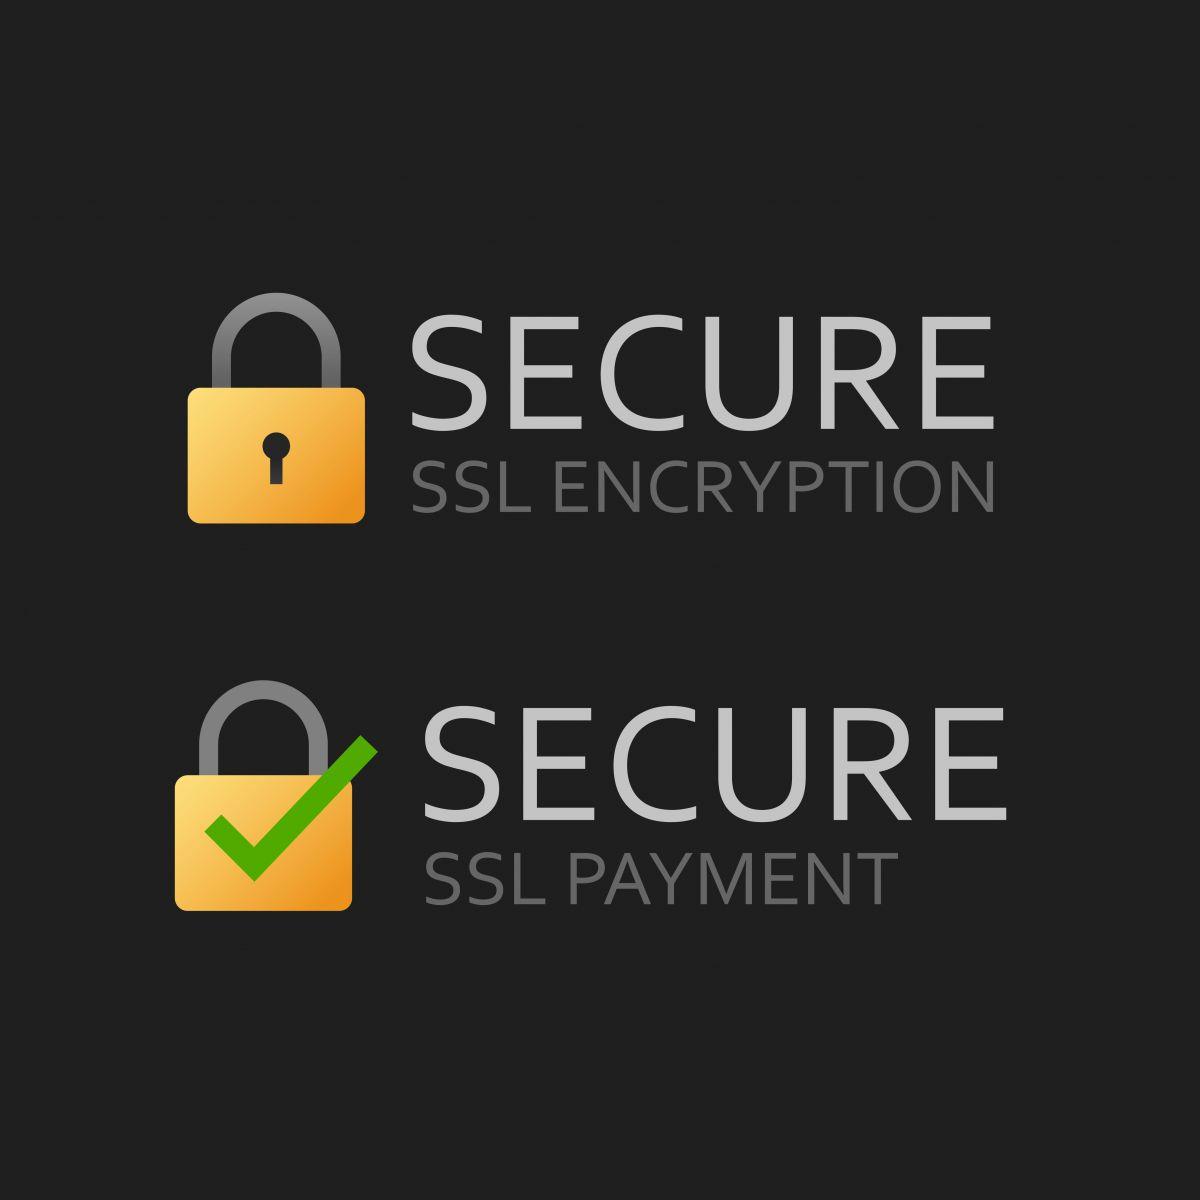 ilustração https e certificado SSL